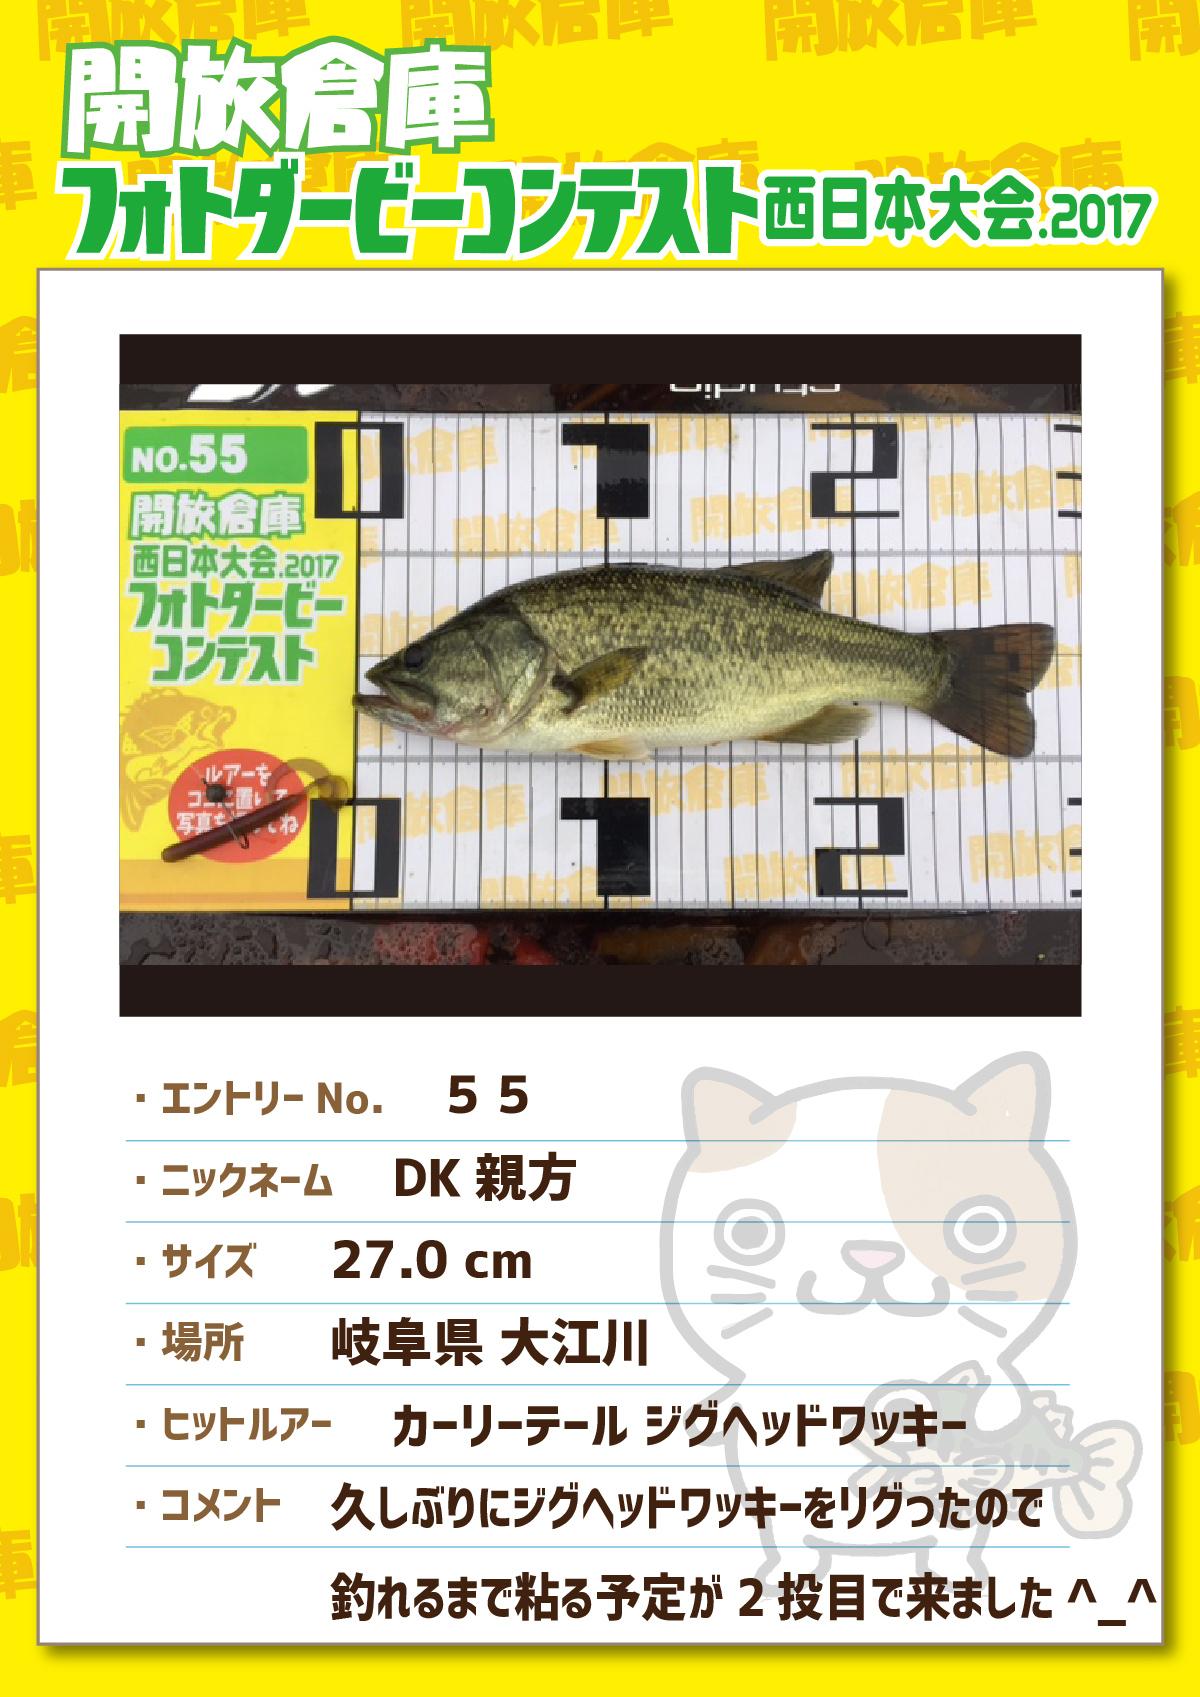 No.055 DK親方 27.0cm 岐阜県大江川 カーリーテール ジグヘッドワッキー 久しぶりにジグヘッドワッキーをリグったので釣れるまで粘る予定が2投目で来ました^_^